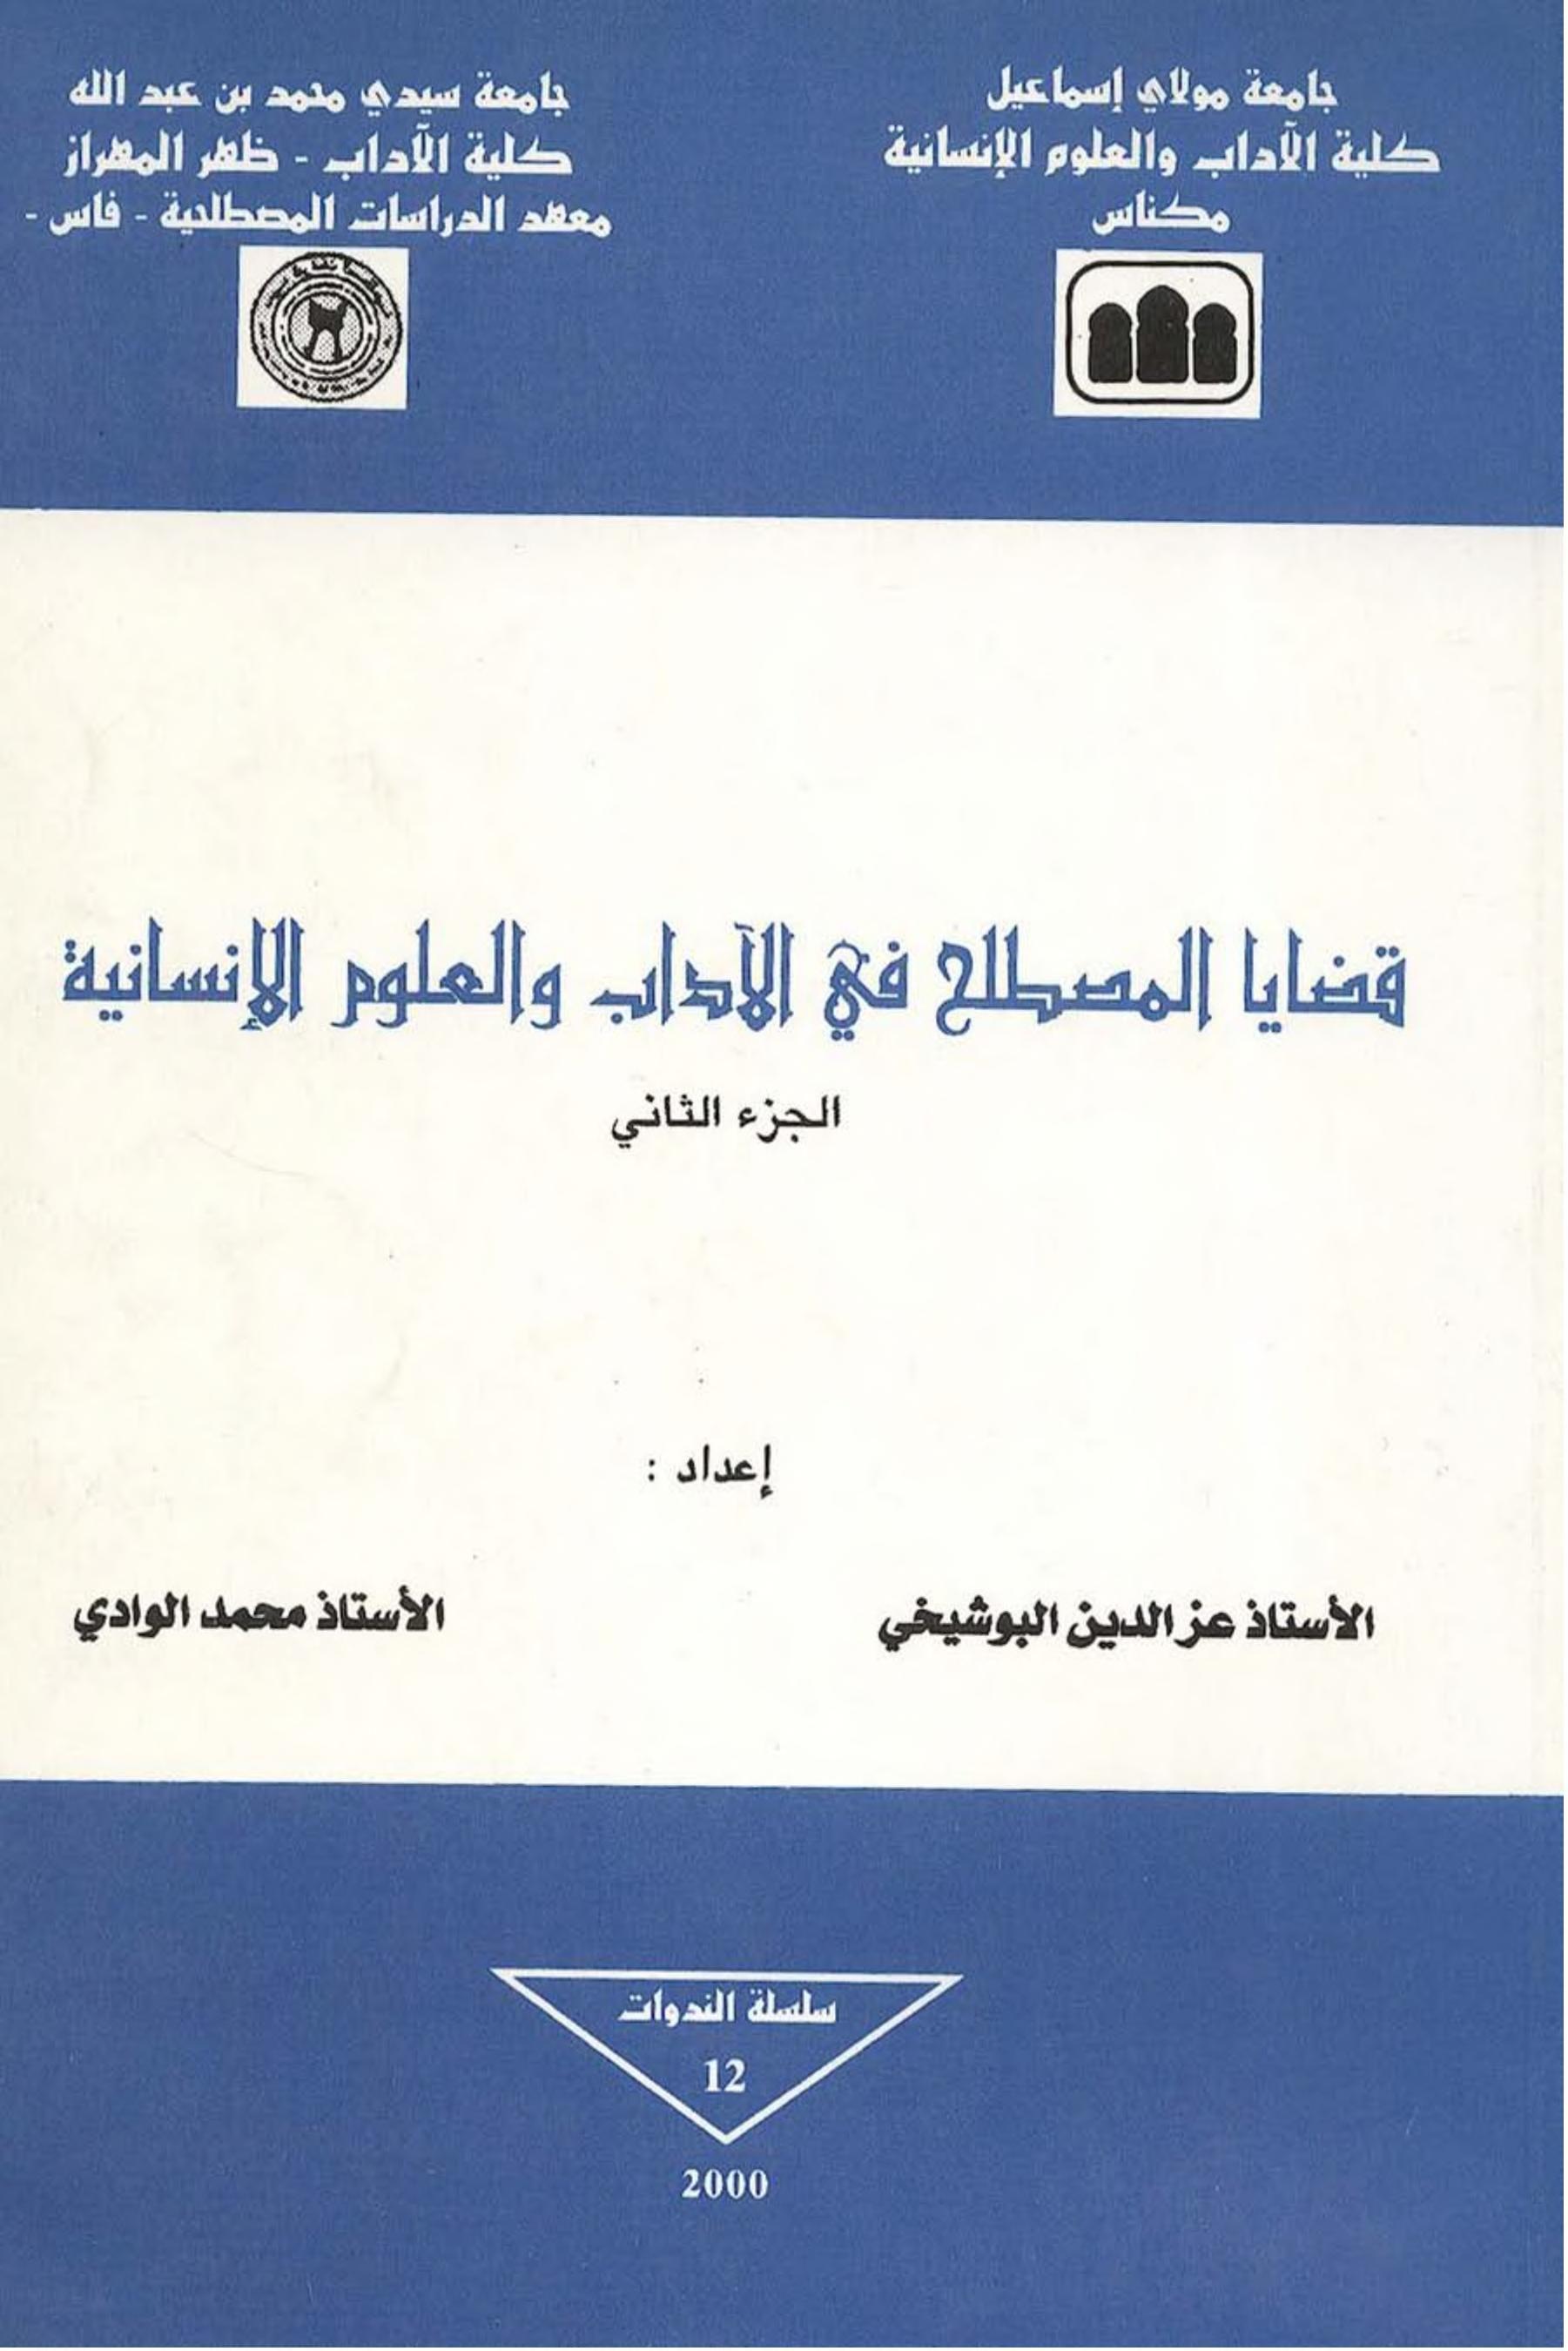 ندوة قضايا المصطلح في الآداب والعلوم الإنسانية Free Download Borrow And Streaming Internet Archive My Books Books Internet Archive